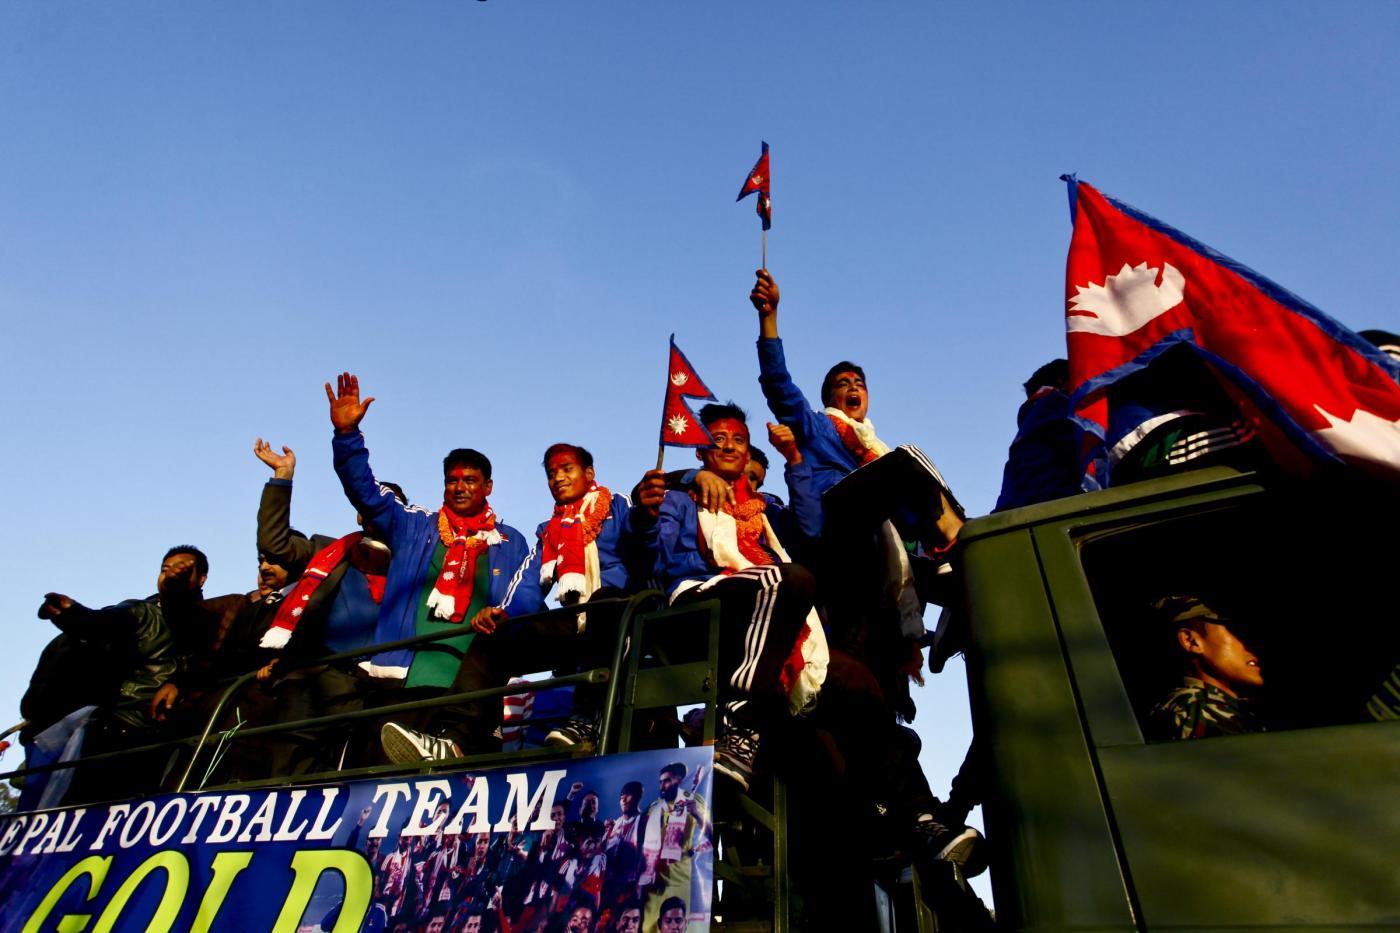 AFC Cup mercoledì 19 giugno. In Asia andata dei 16esimi della AFC Cup, seconda competizione per club ed ultima gara della fase a gironi